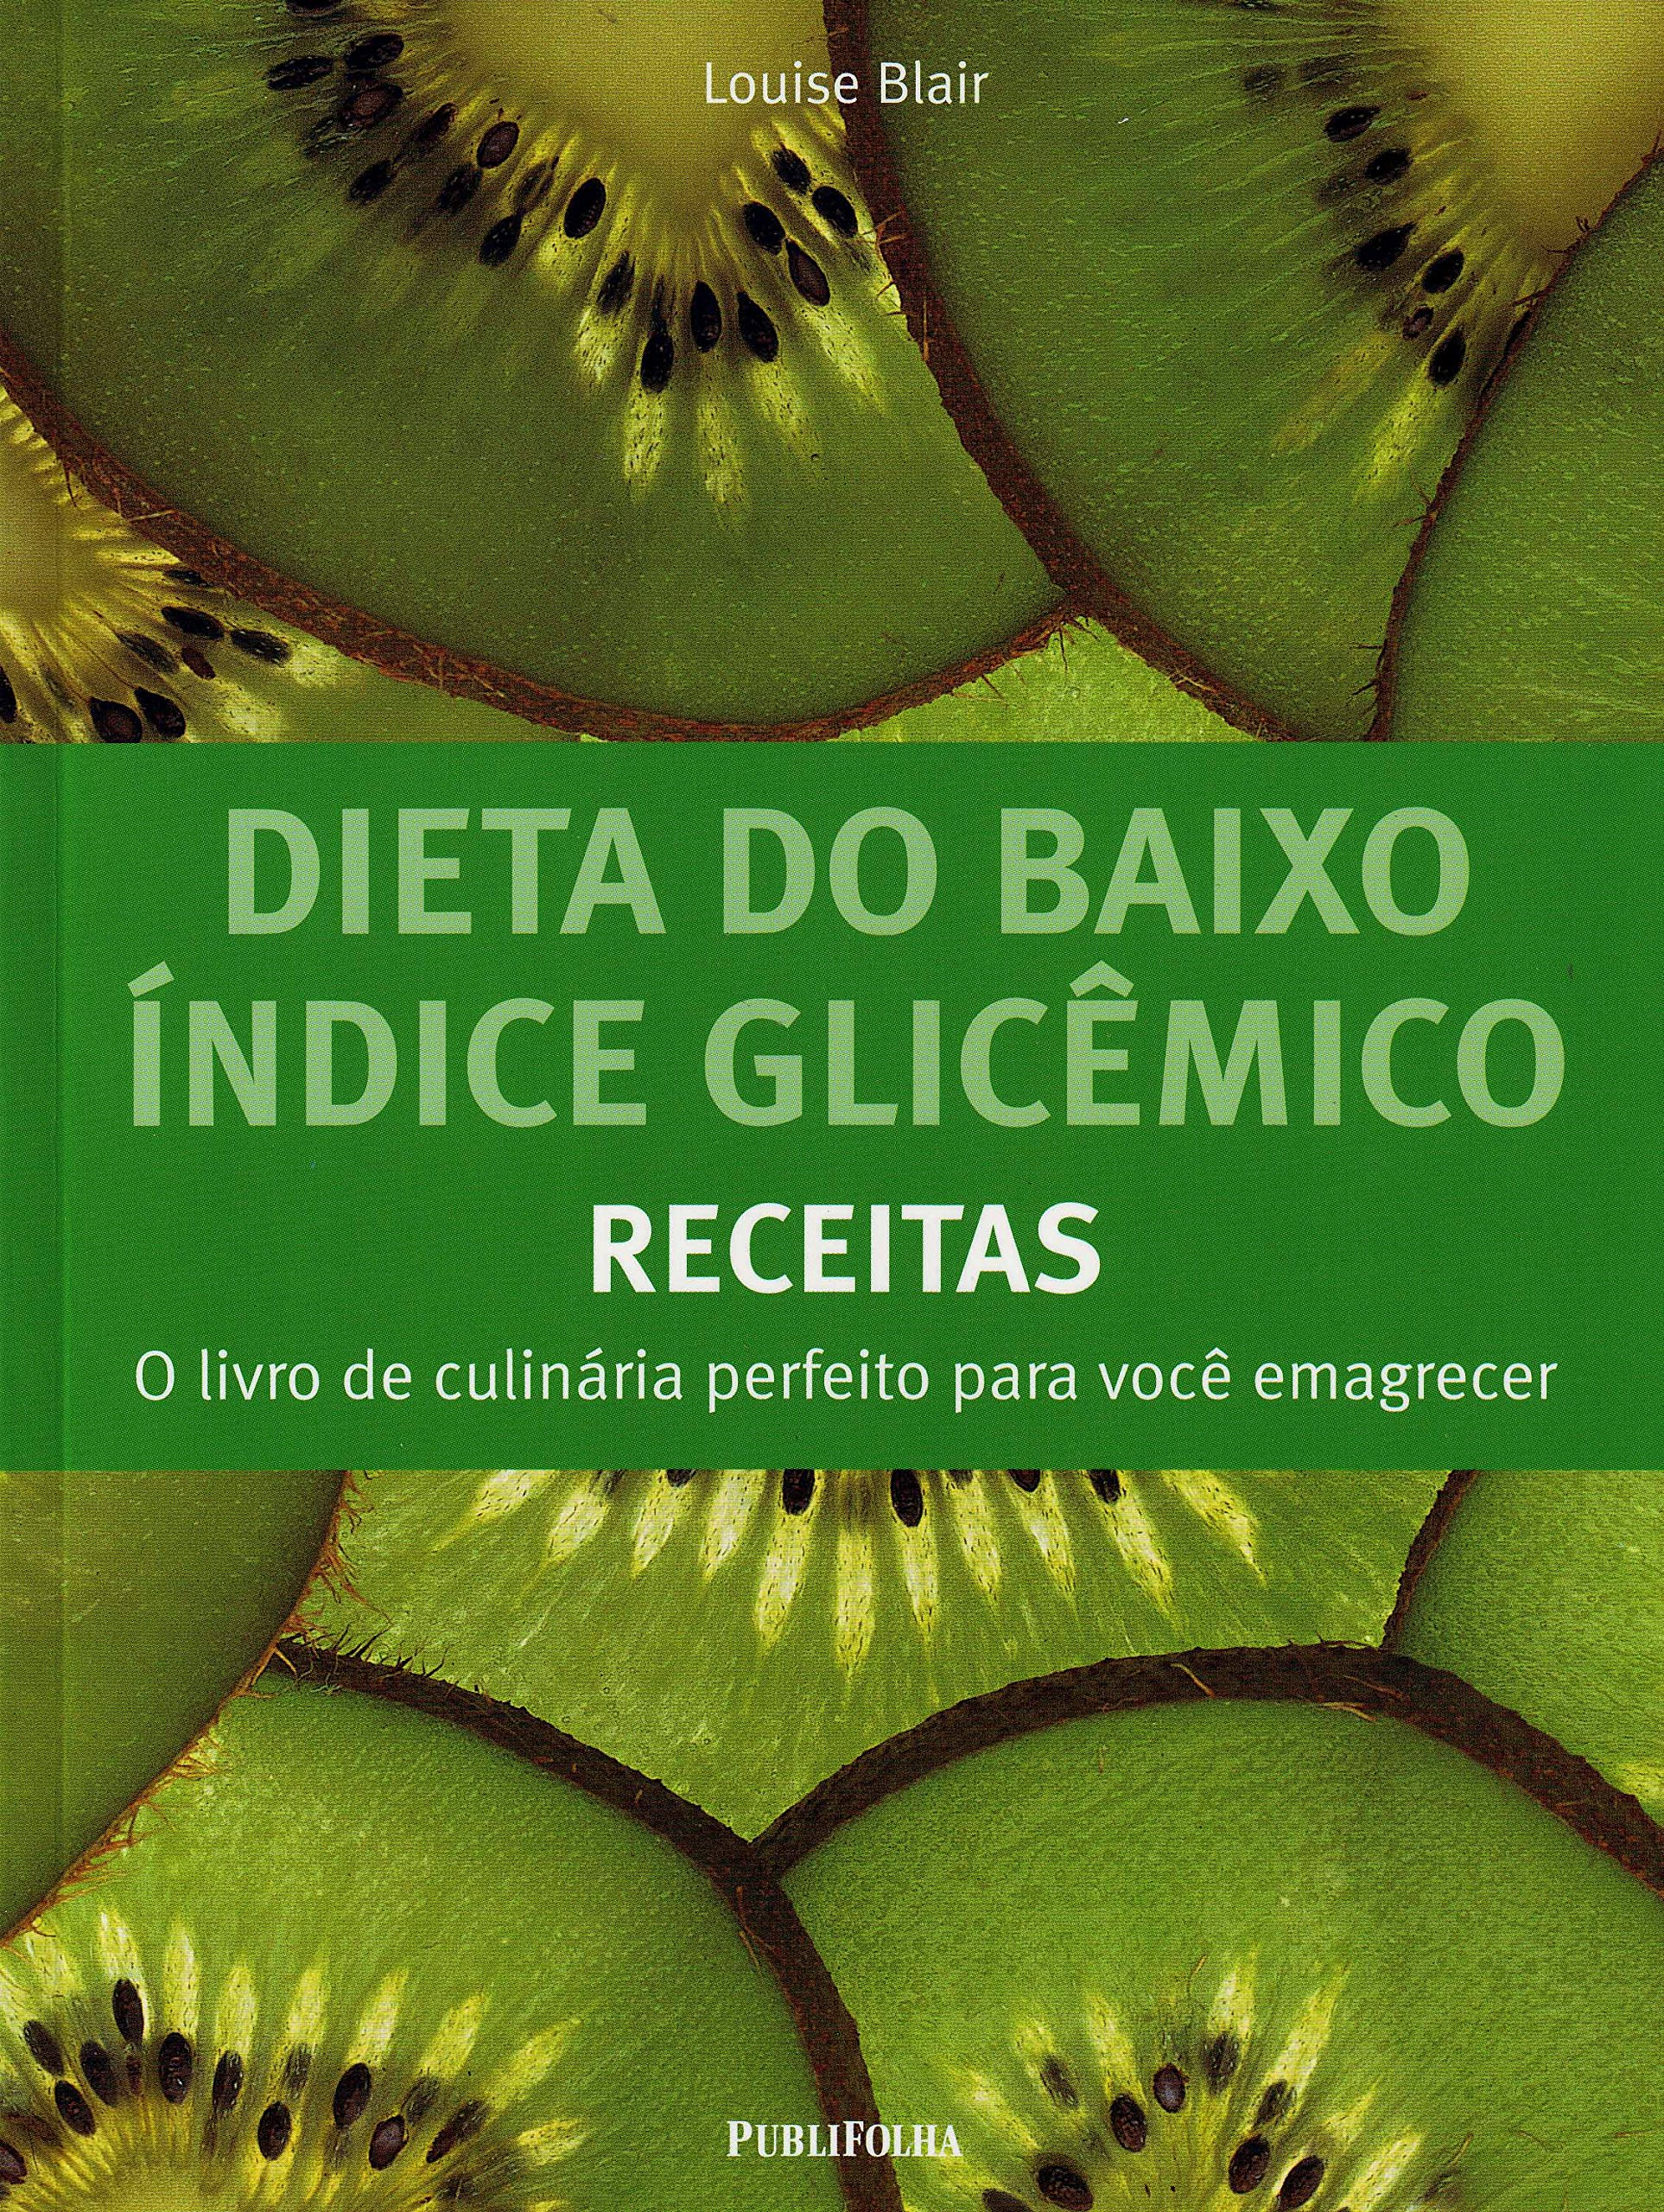 Calcular indice glicemico como